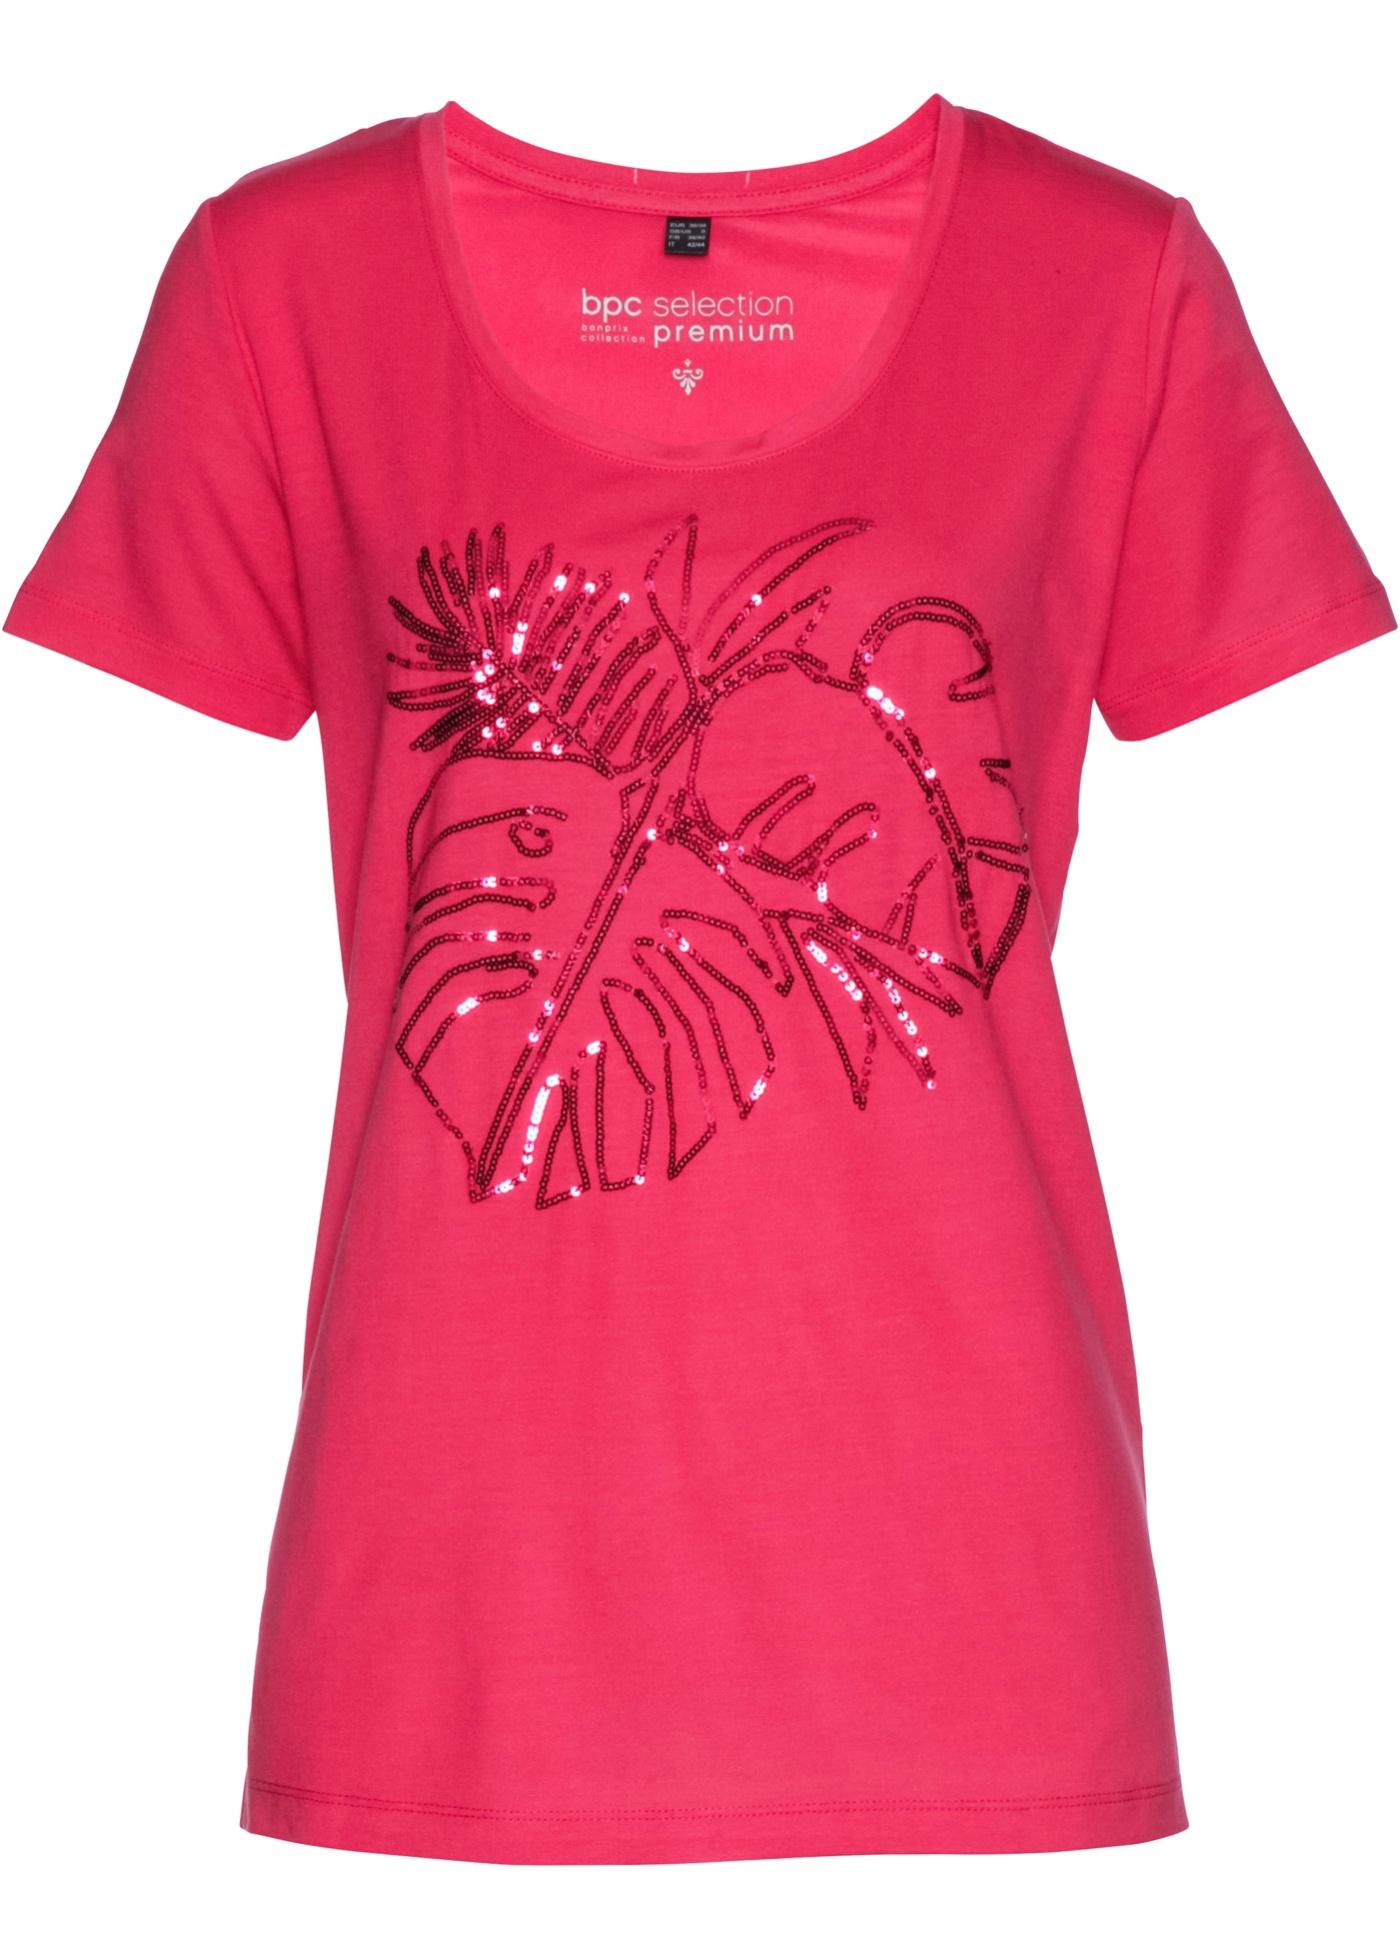 Pour Courtes Femme Manches Fuchsia Bpc shirt À Selection Premium BonprixT Paillettes nwOP8N0kX